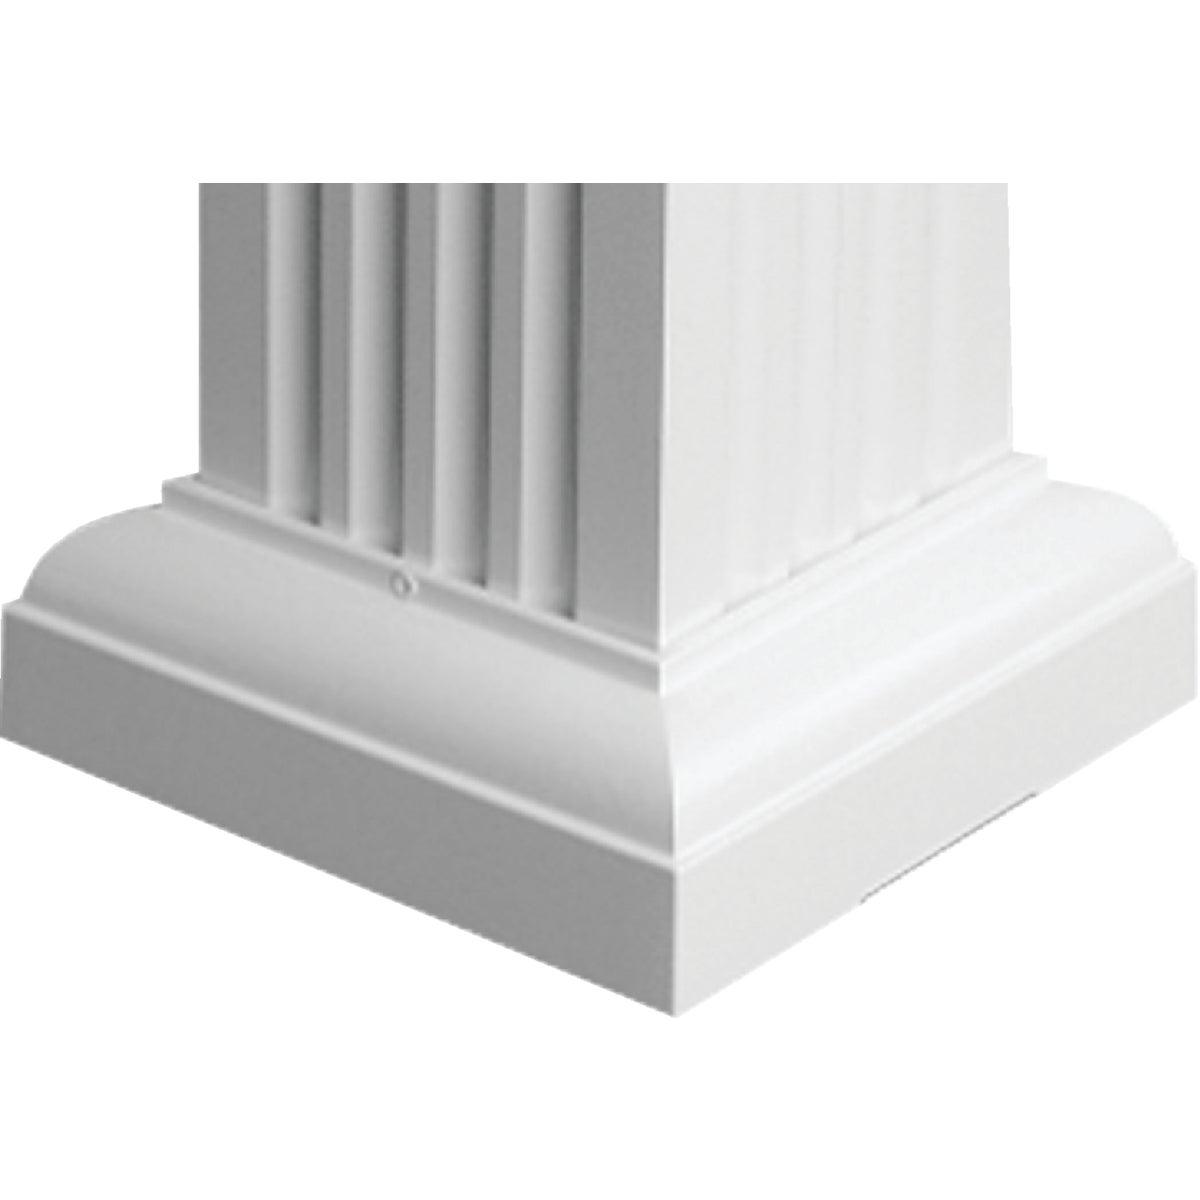 Aluminum Cap & Base Set